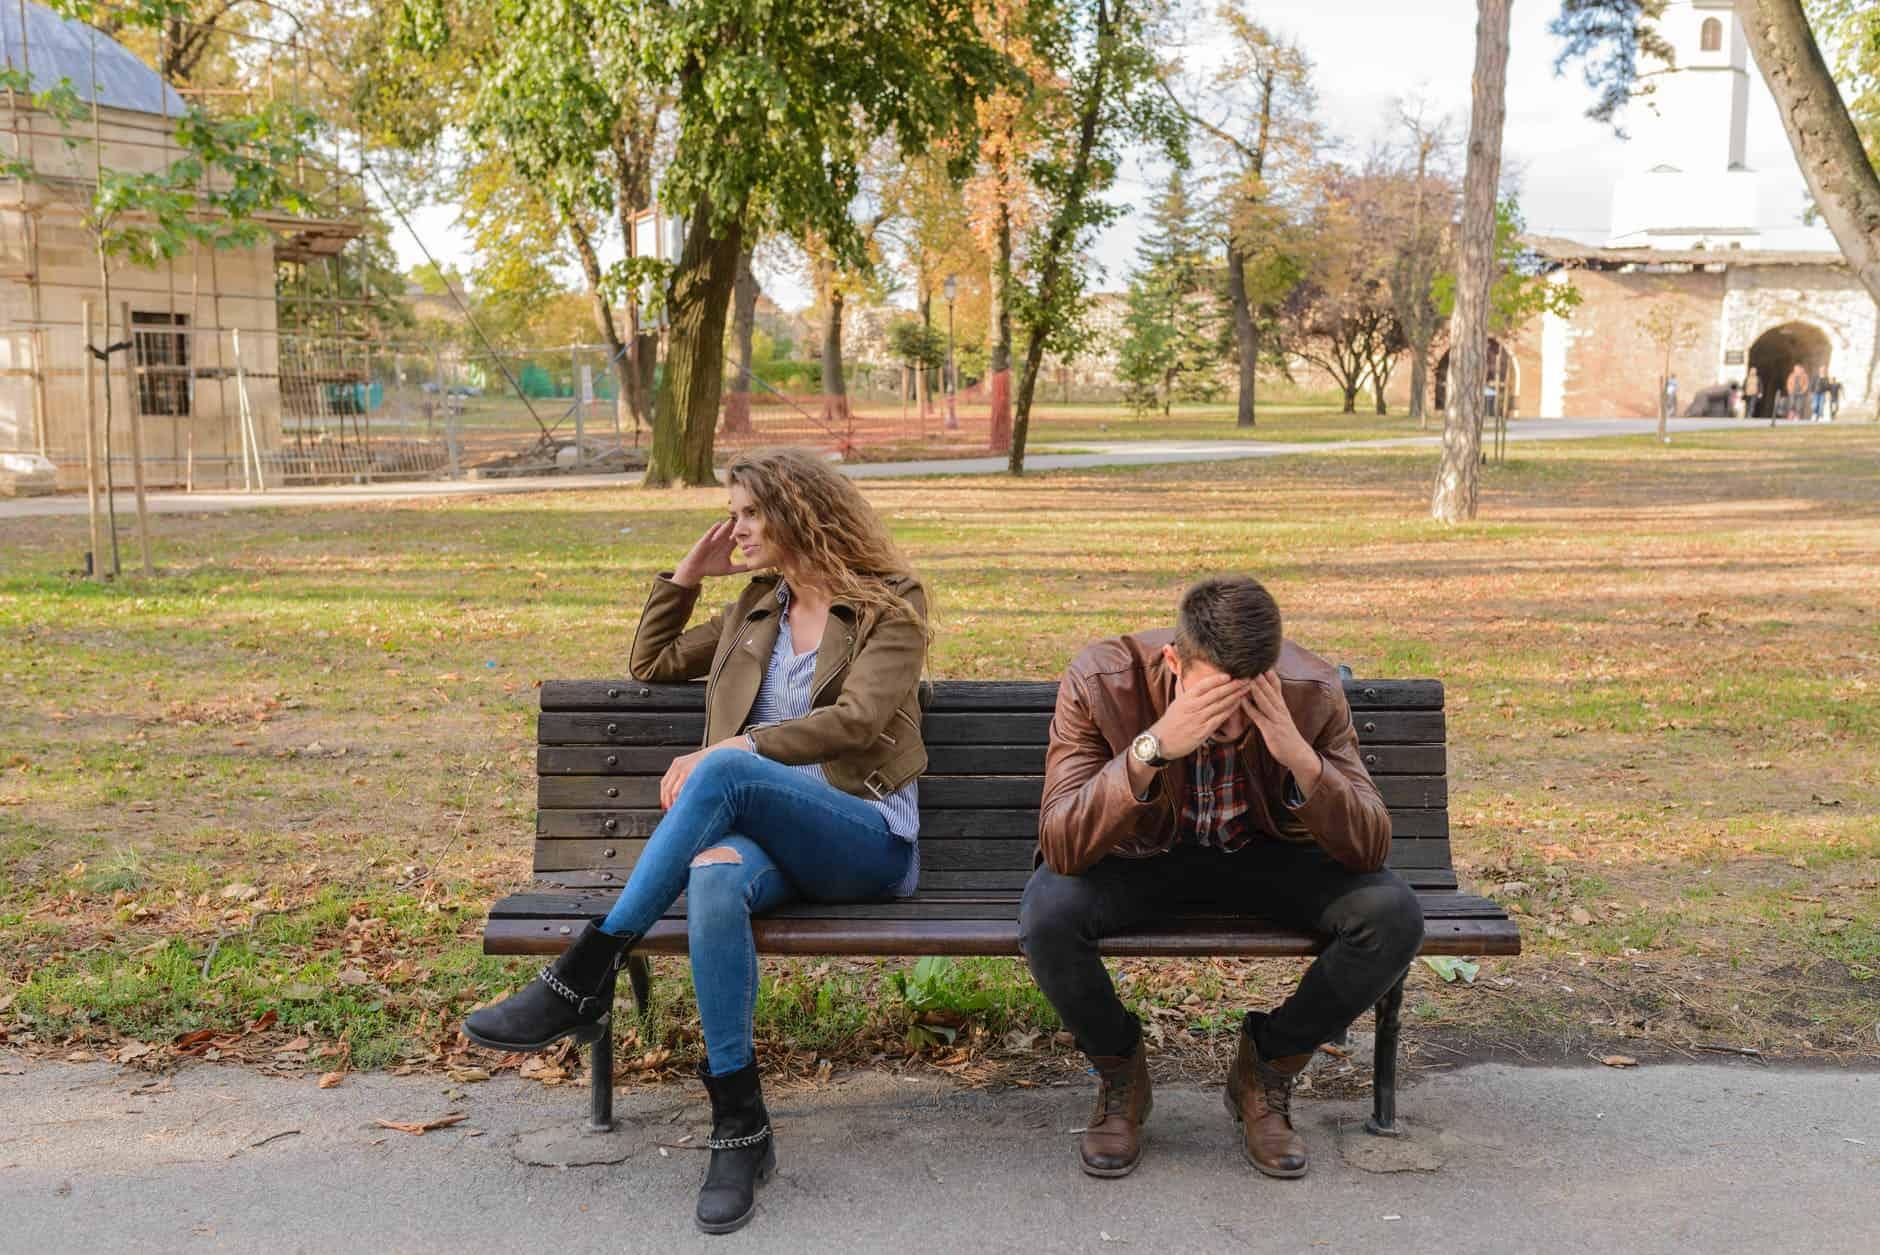 Szexuális problémák a párkapcsolatban - nem ciki beszélni róla